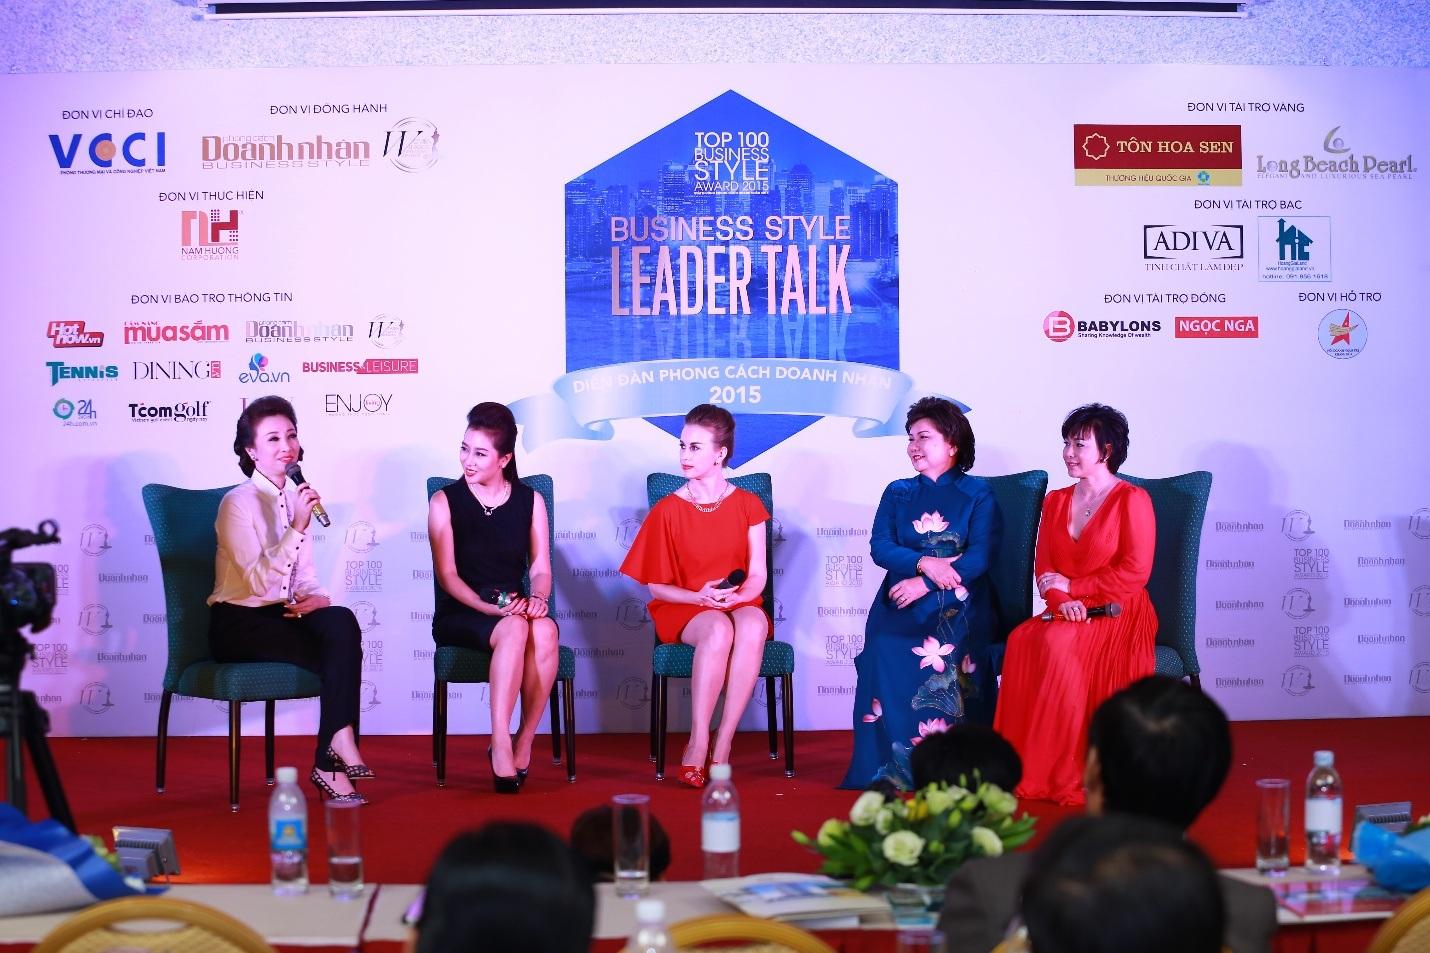 Á hậu Mrs World Thu Hương tổ chức thành công sự kiện Leader Talk tại Nha Trang